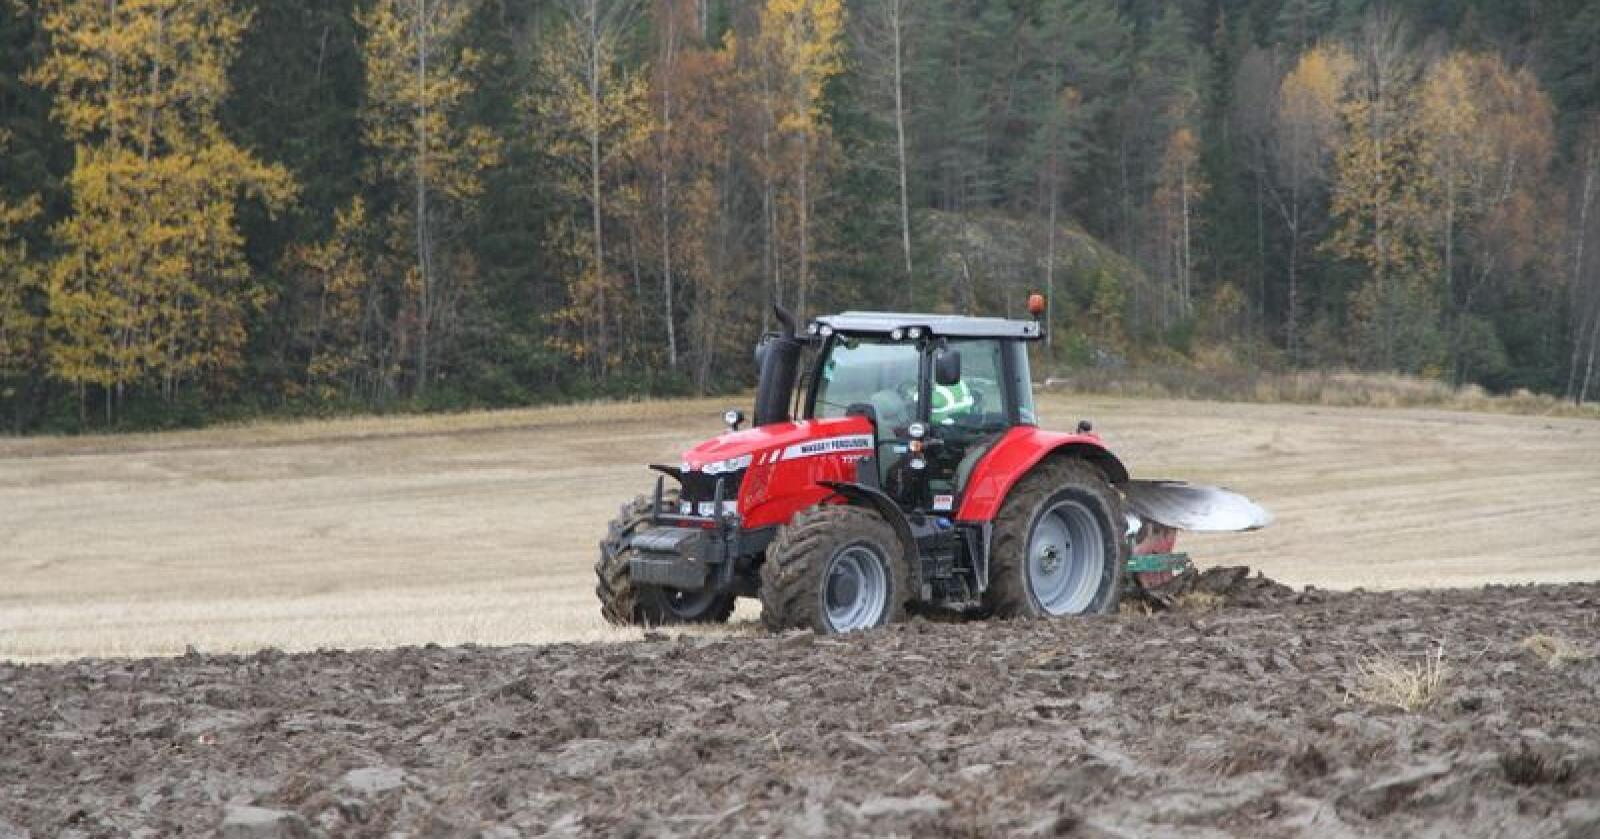 Leases per time: Massey Ferguson 7718S er en av modellene som kan finansieres med operasjonell leasing. Her fra Traktors prøvekjøring av 7718 i 2015. Arkivfoto: Traktor